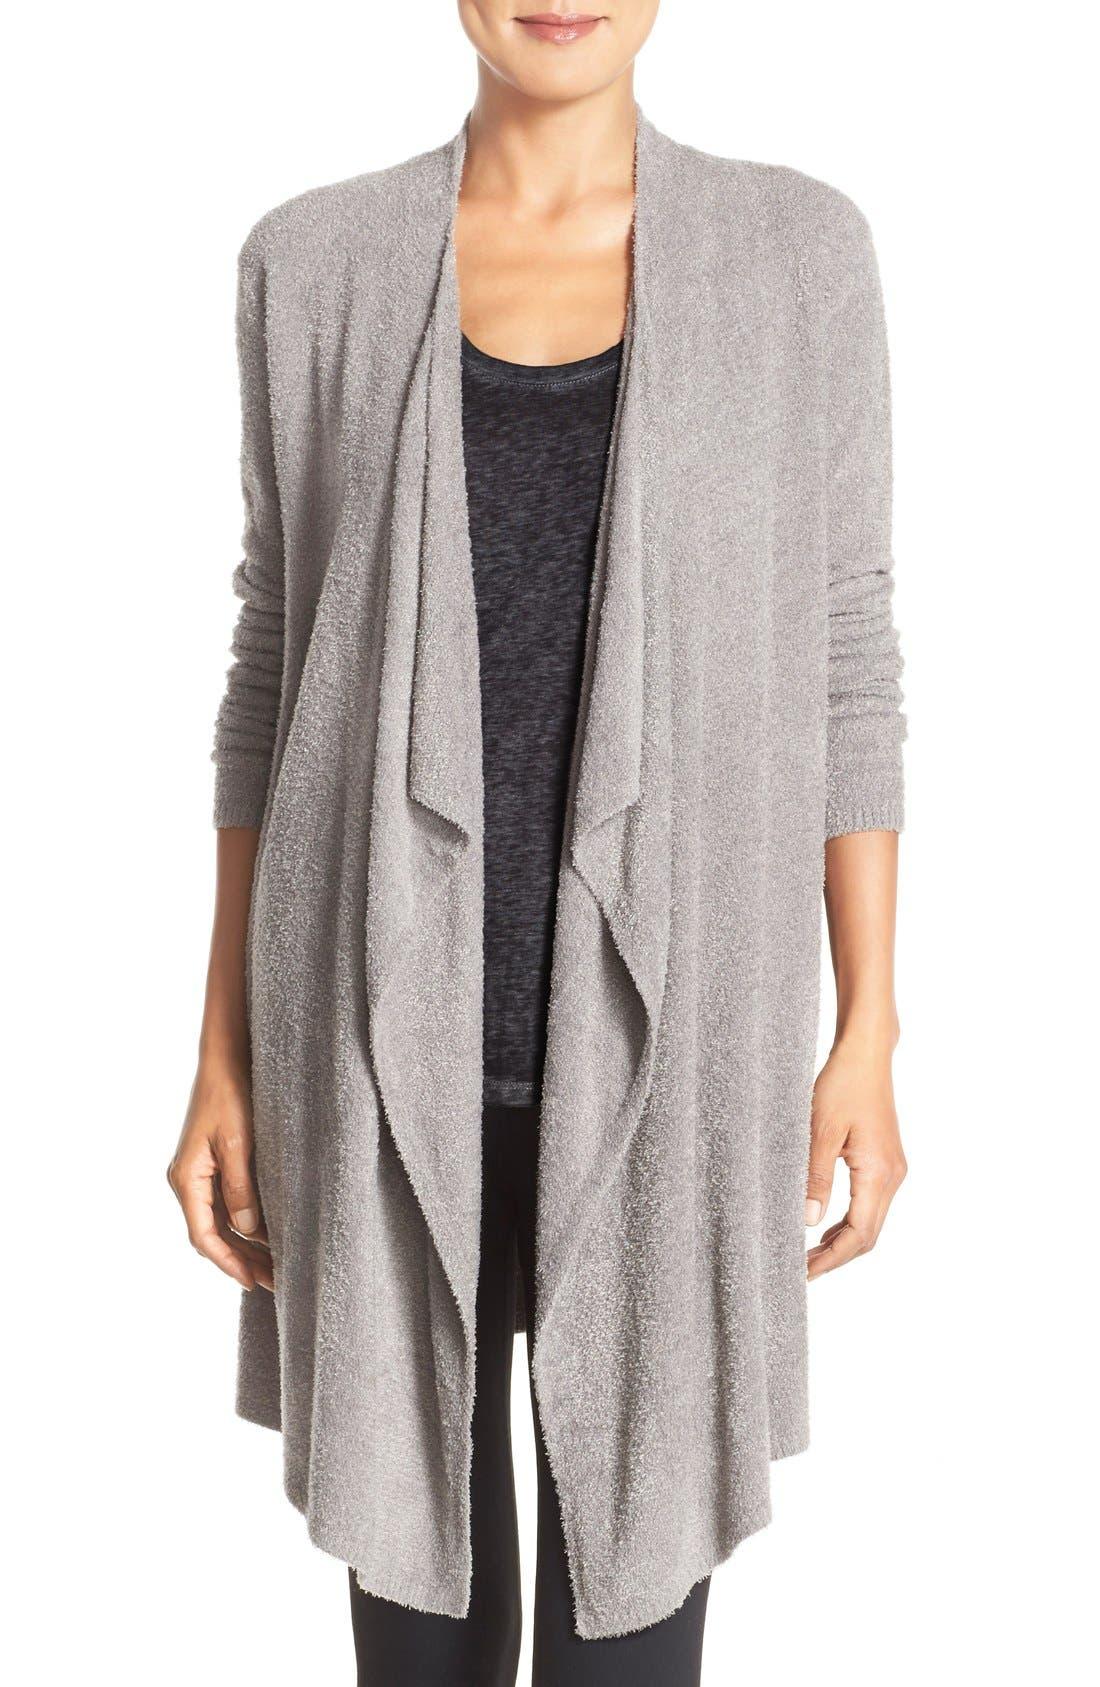 Barefoot Dreams® CozyChic Lite® Calypso Wrap Cardigan (Nordstrom Exclusive)